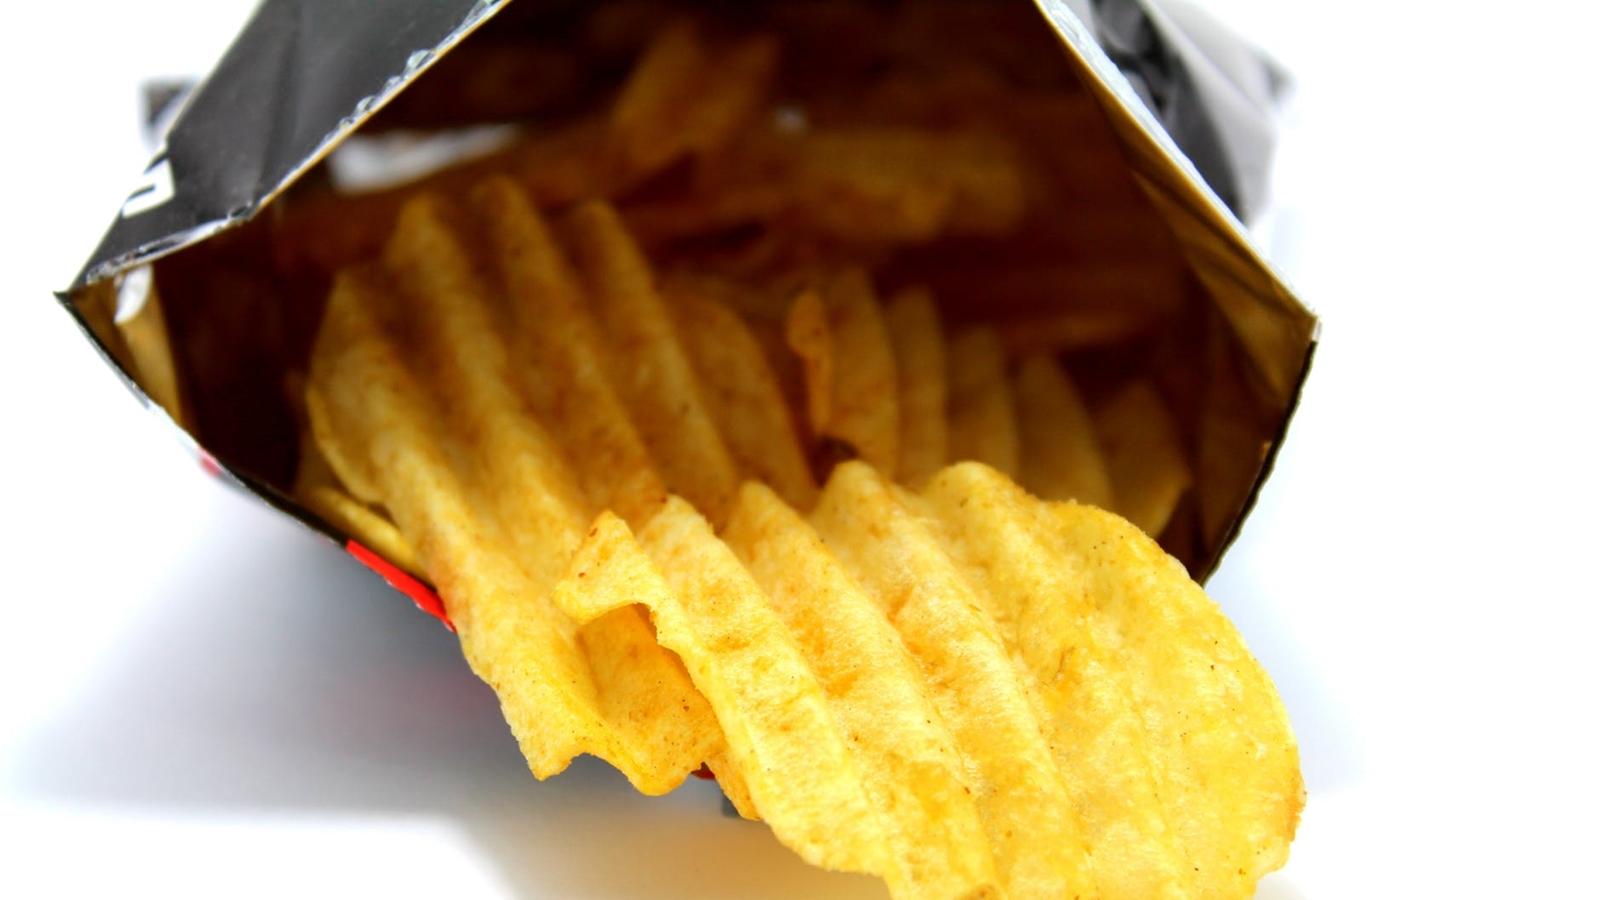 Prohibición de comida chatarra a menores en Oaxaca beneficiará a economía local: activistas